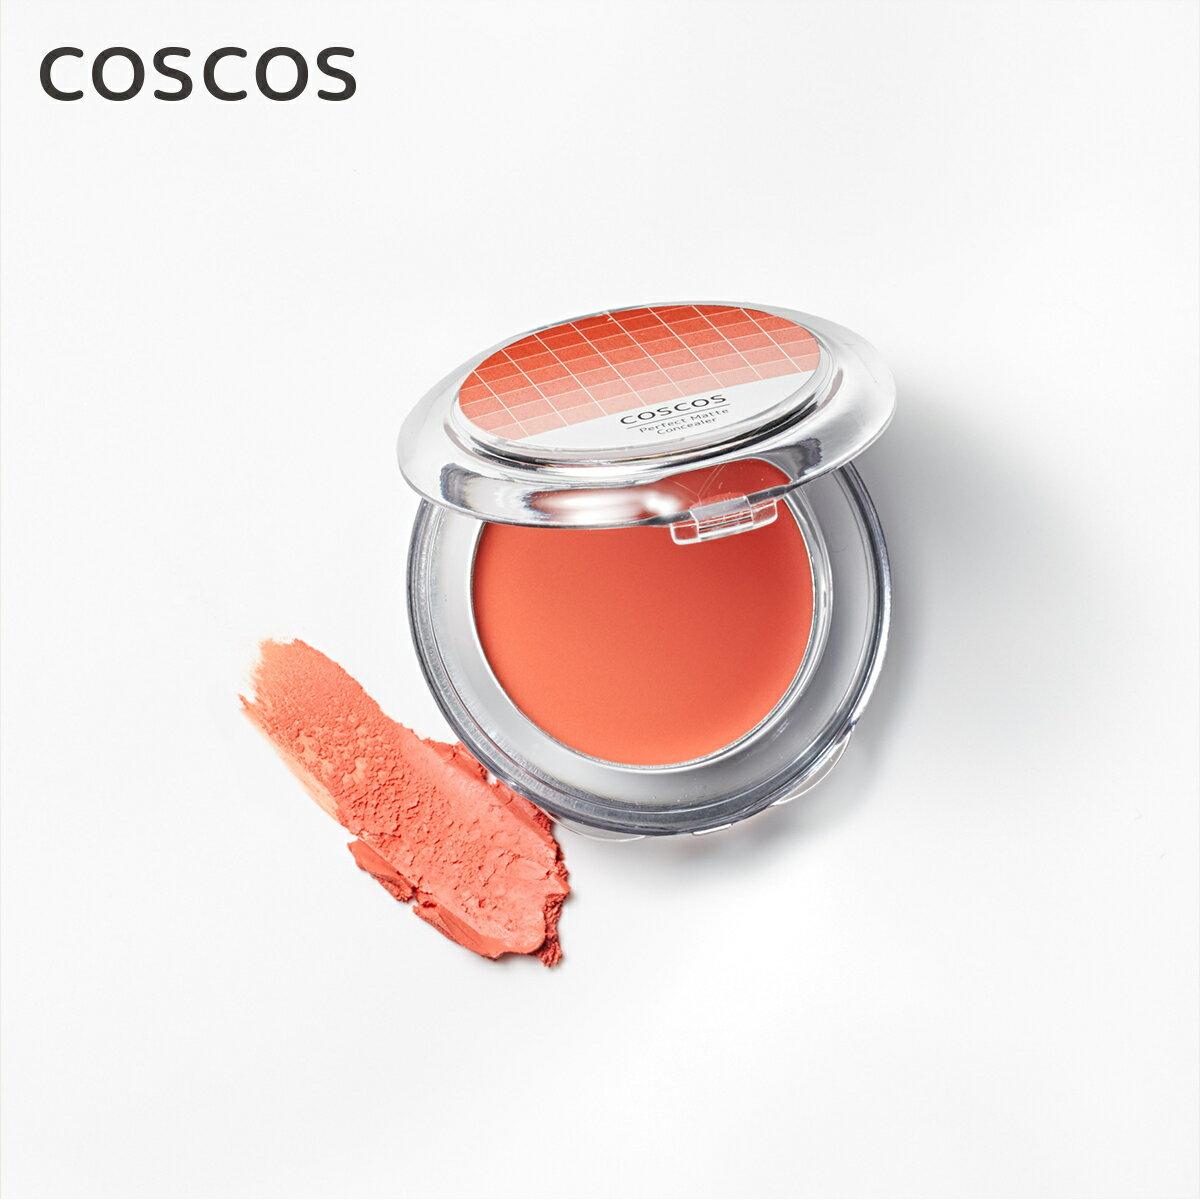 COSCOS コンシーラー カラーコンシーラー スカーレットオレンジ 赤み 青クマ 青み 強力補正 メイク コスプレ コスプレイヤー COSCOS コスコス こすこす